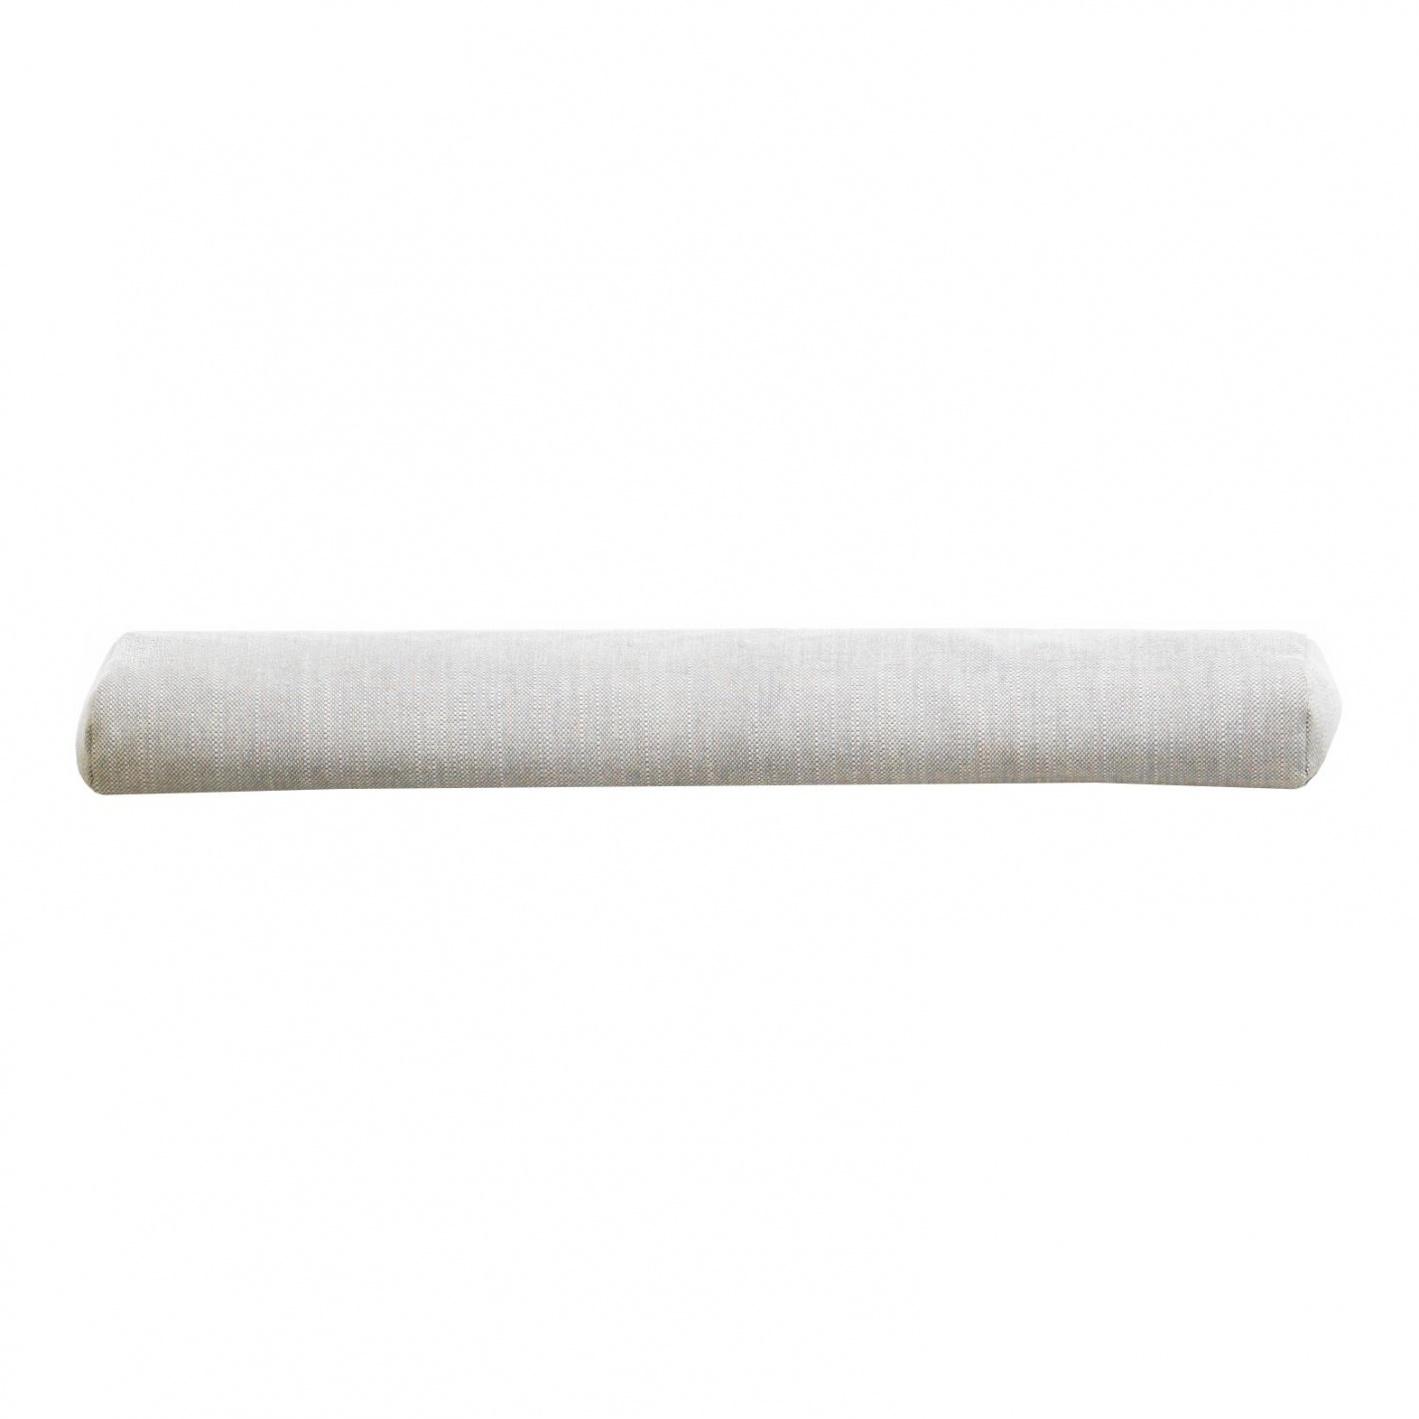 Vitra - Soft Modular Nackenkissen lang - creme/stahlgrau/Stoff Maize 03/90x20cm | Schlafzimmer > Kopfkissen | Creme/stahlgrau | Stoff| kunststoffkugel-füllung | Vitra